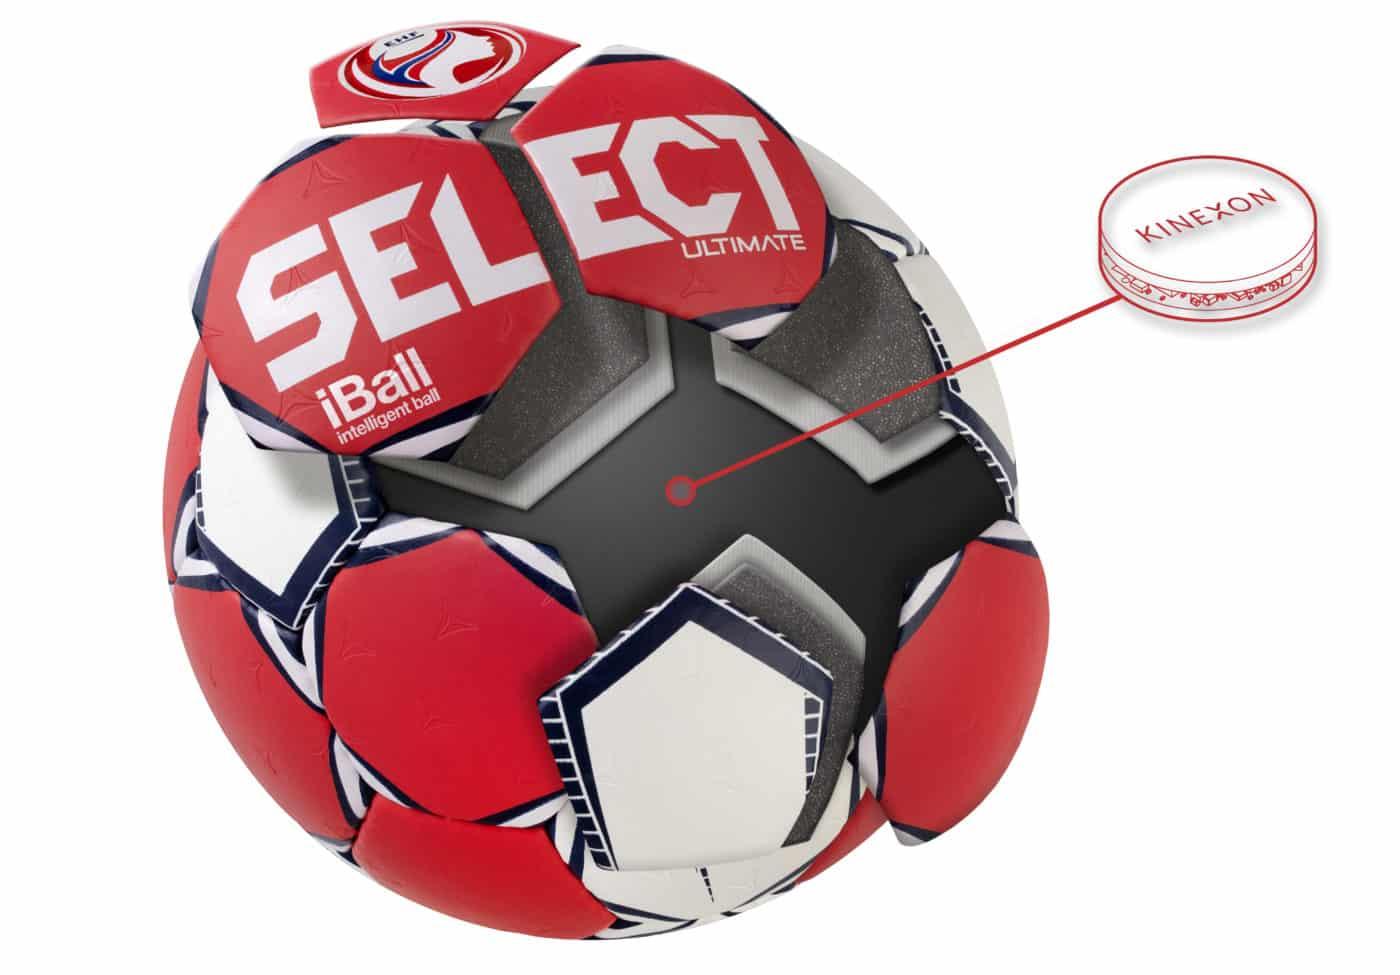 ballon-handball-connecté-SELECT-euro-2020-féminin-iball-select